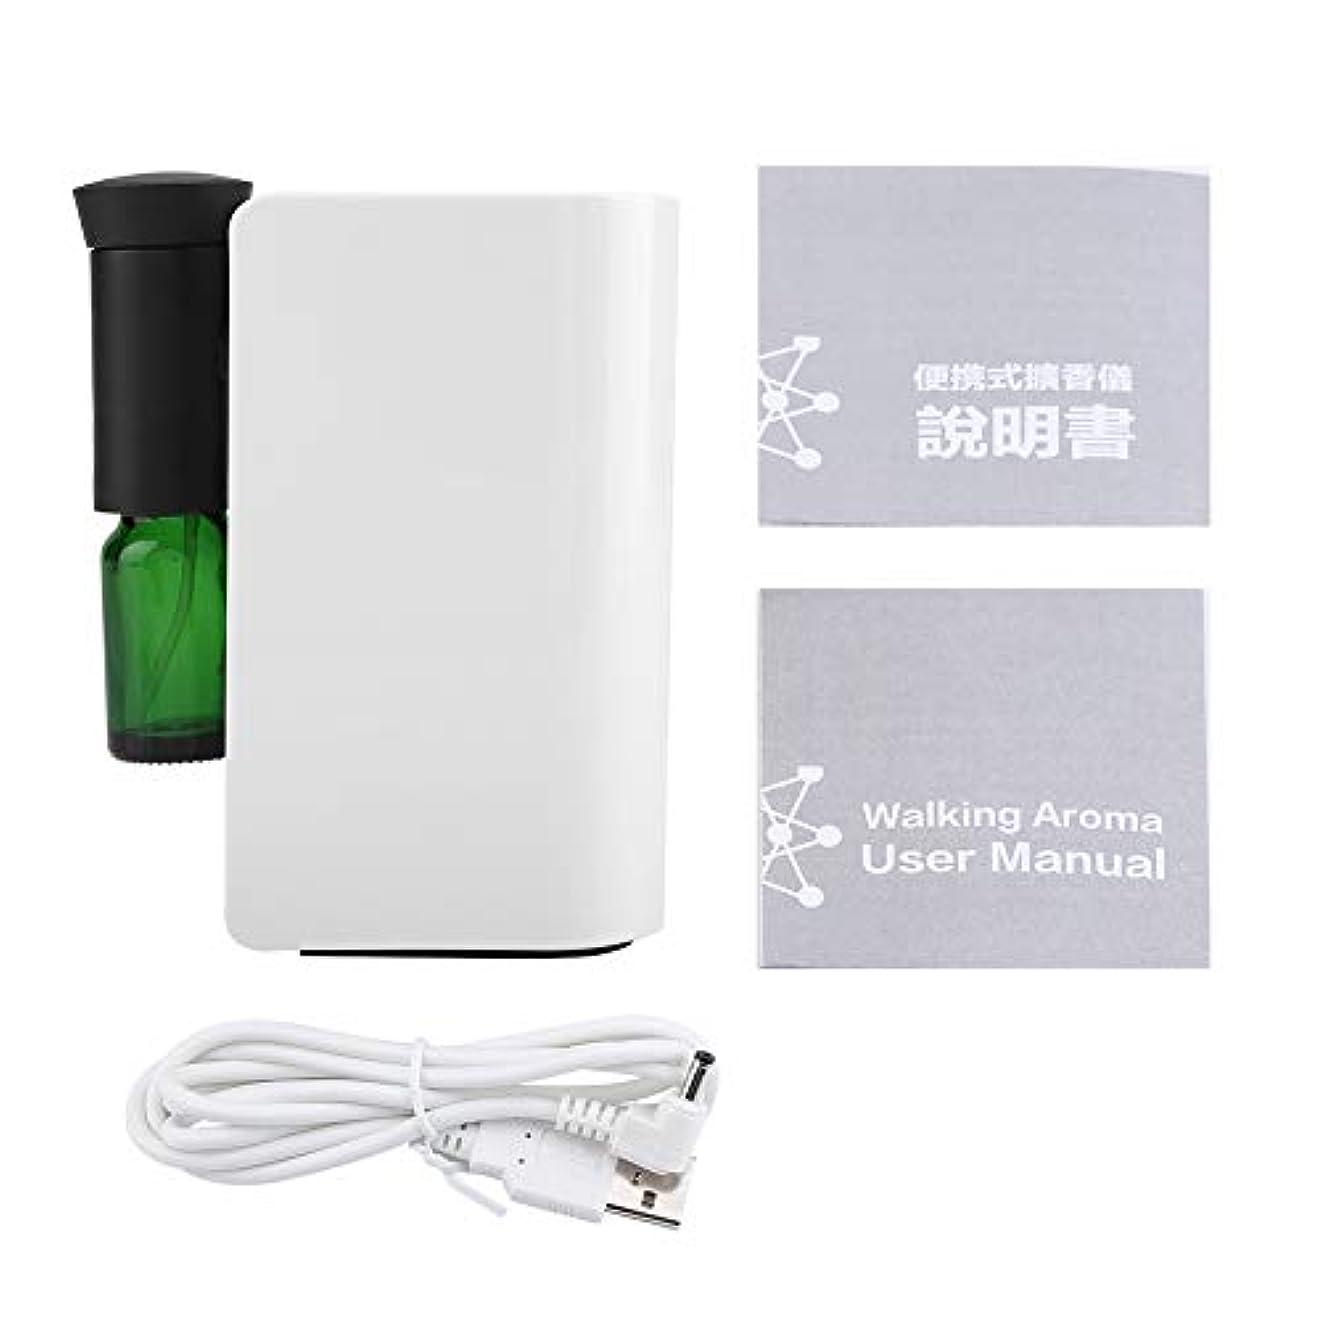 忙しいアンドリューハリディプリーツアロマディフューザー usb充電式 100ml 精油 エッセンシャルオイル用 自動アロマディスペンサー用 部屋 オフィス(ホワイト)